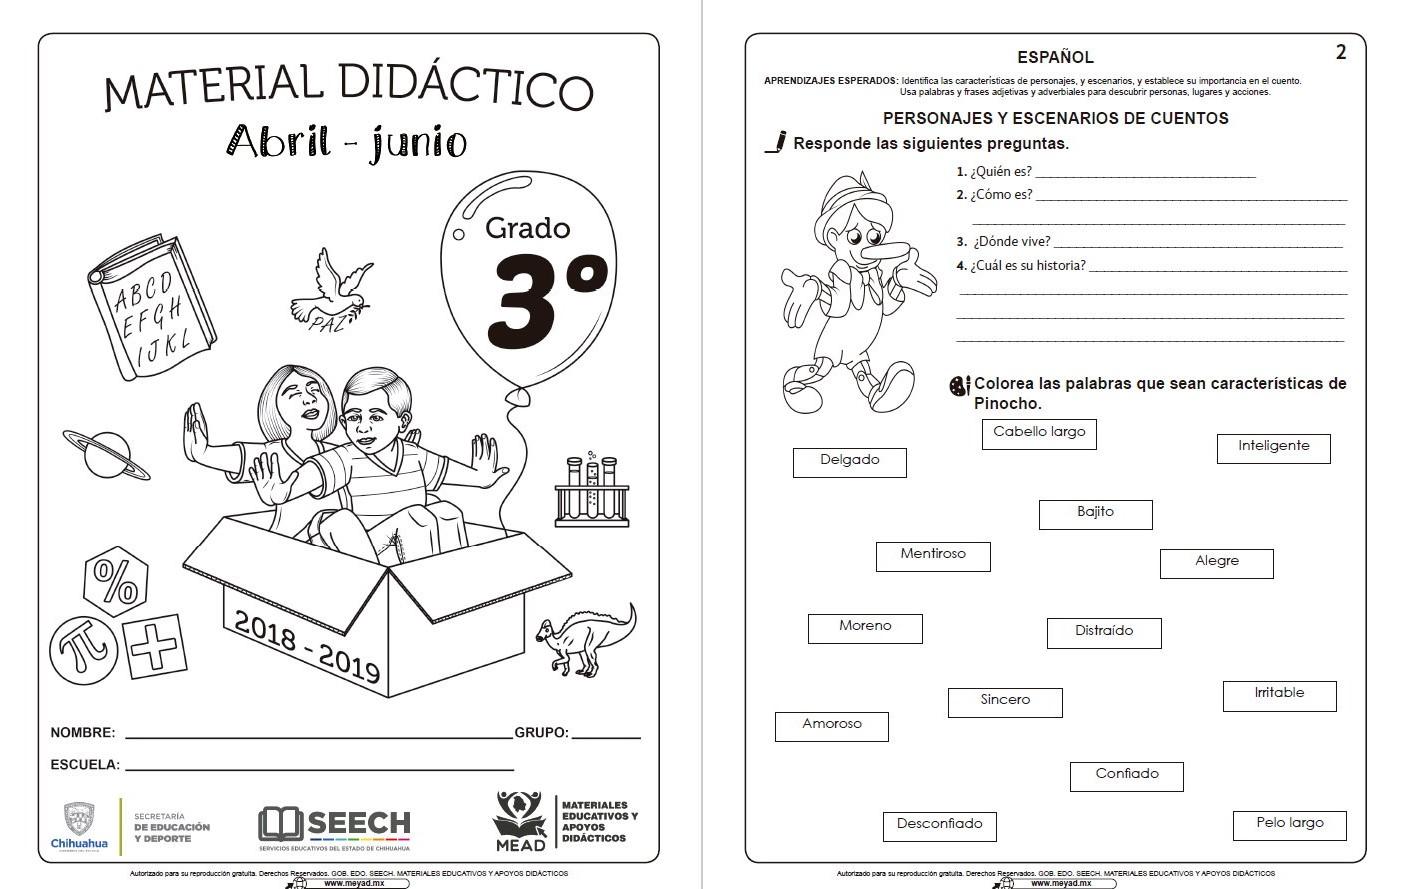 Material Didáctico Del Tercer Grado Del Tercer Trimestre Ciclo Escolar 2018 2019 Abril Junio Material Educativo